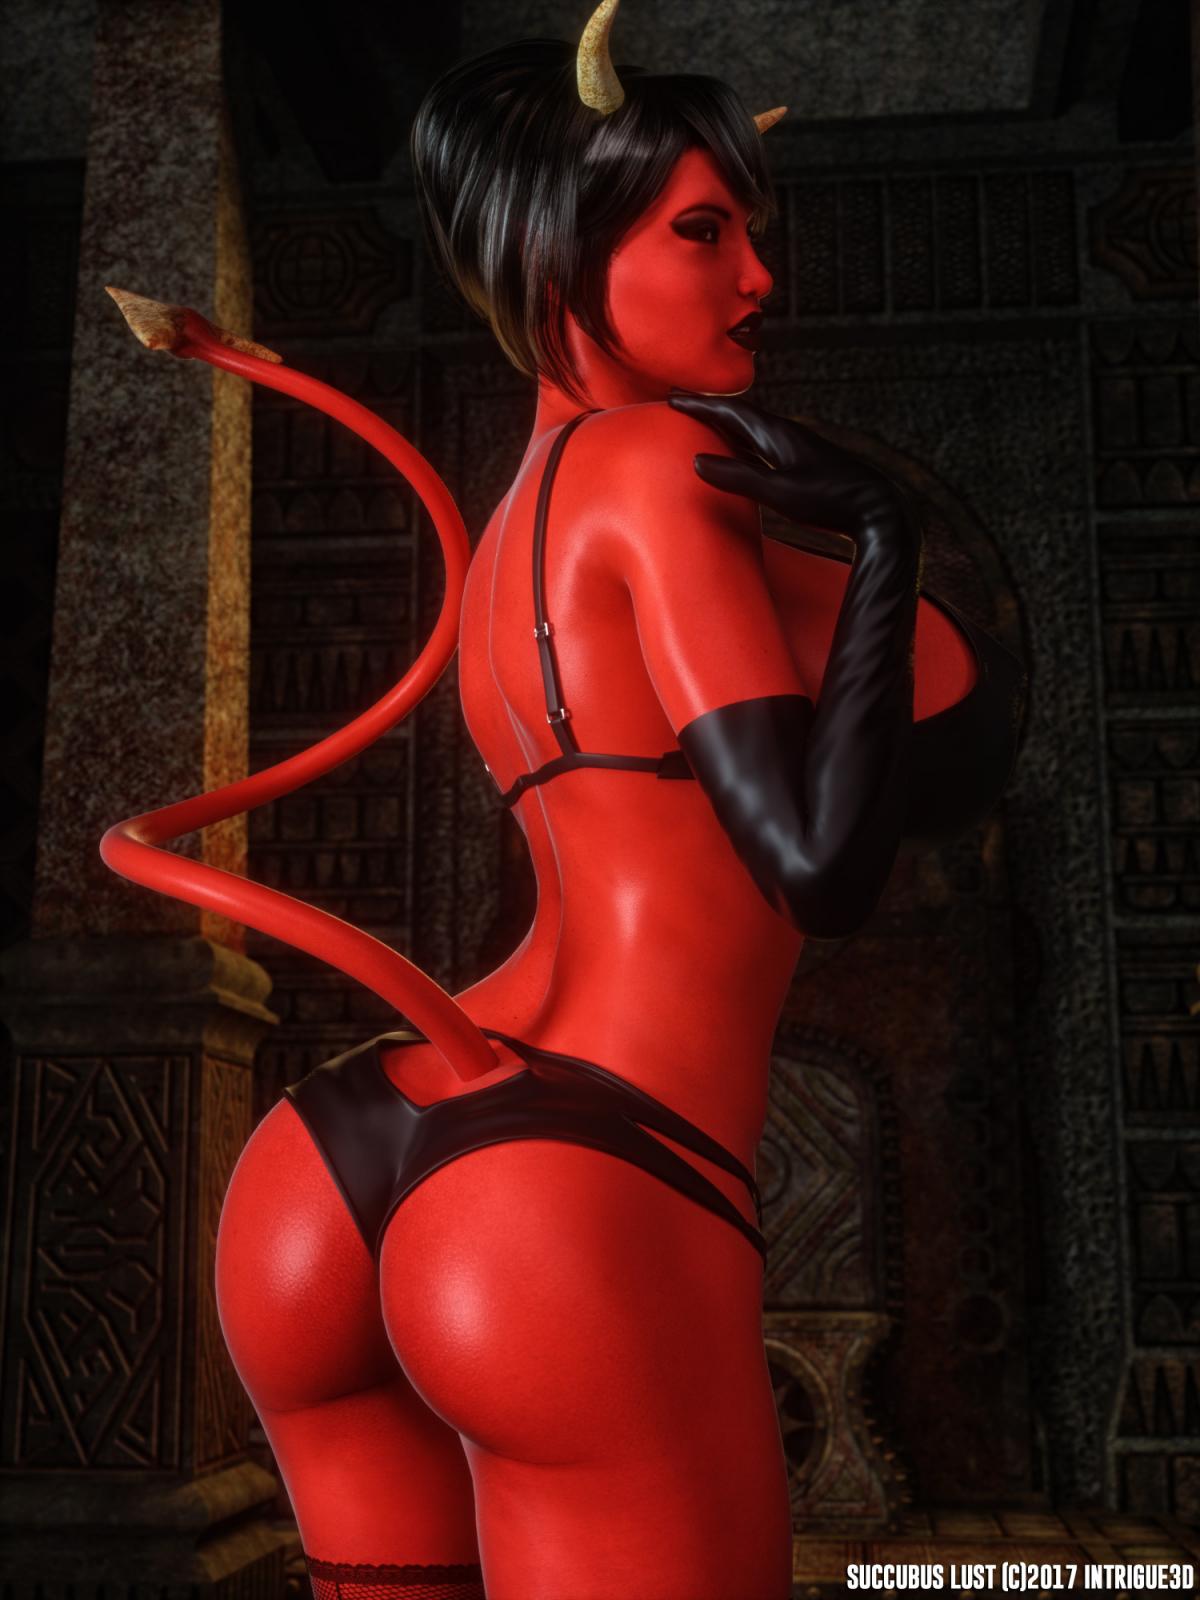 Hình ảnh 38857681960_9efe5b43c7_o trong bài viết Succubus Lust